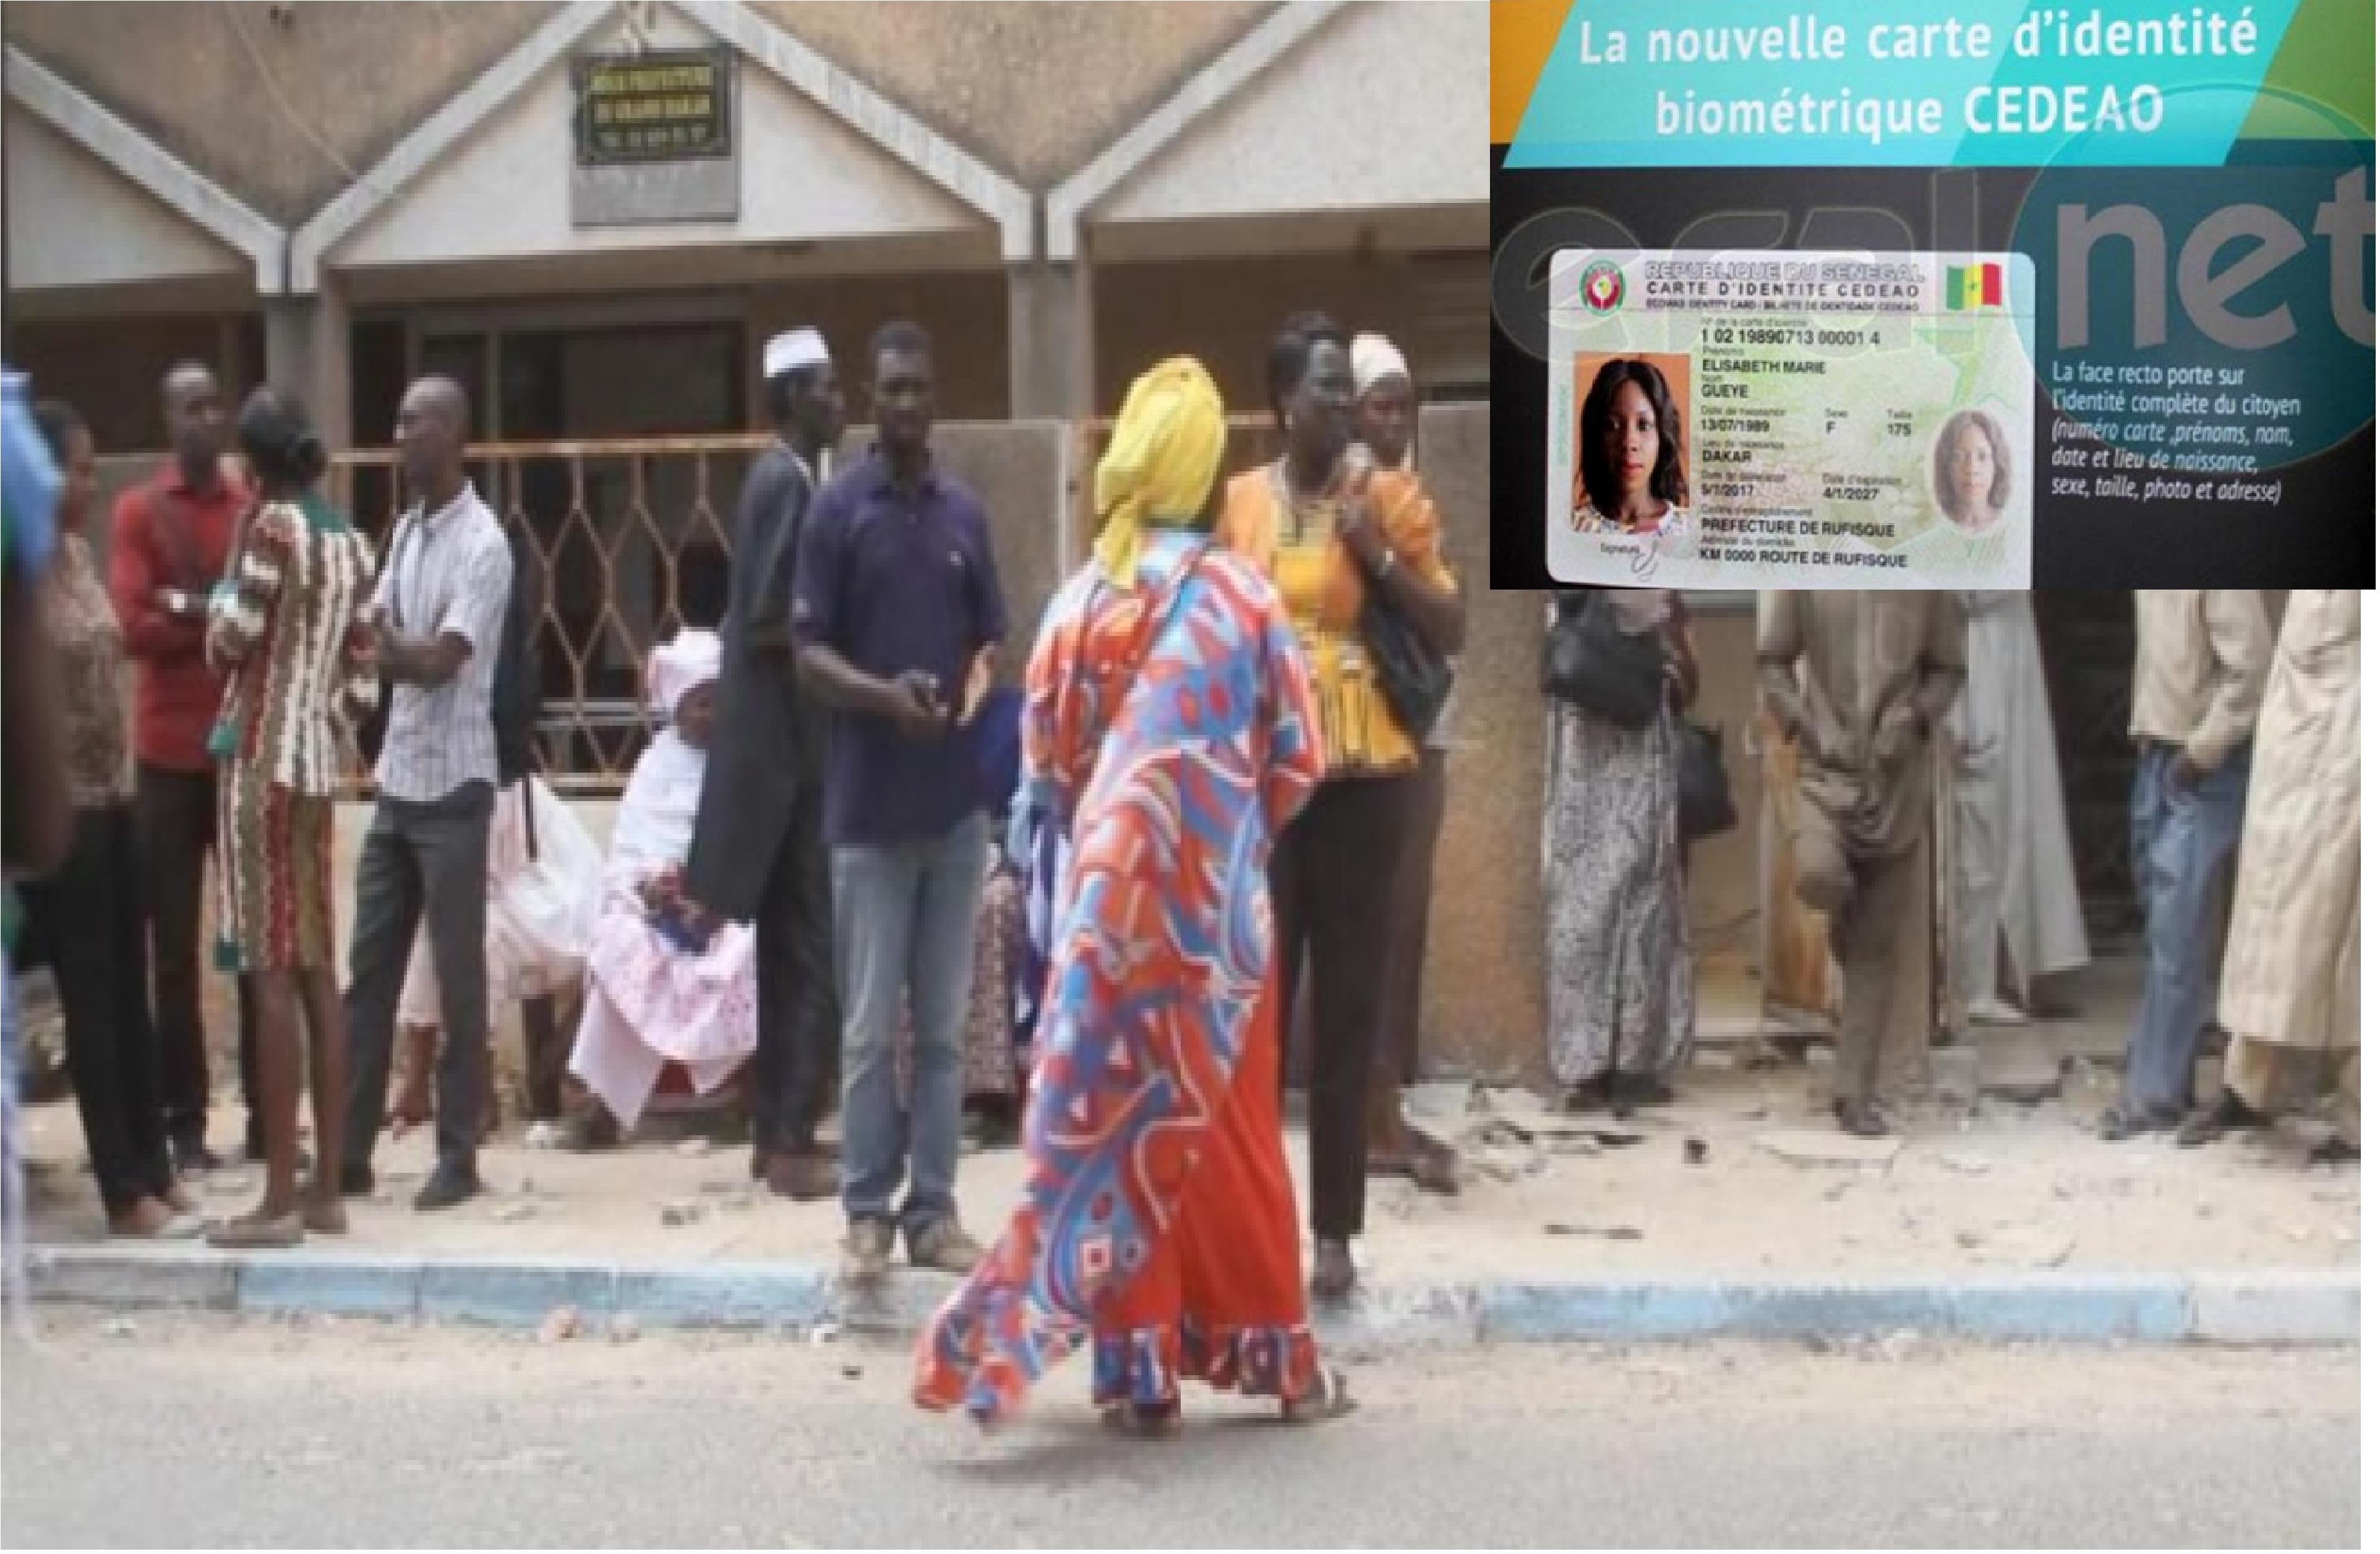 Difficultés pour l'obtention des cartes biométriques: Un vieillard meurt dans la file d'attente à la Préfecture de Guédiawaye